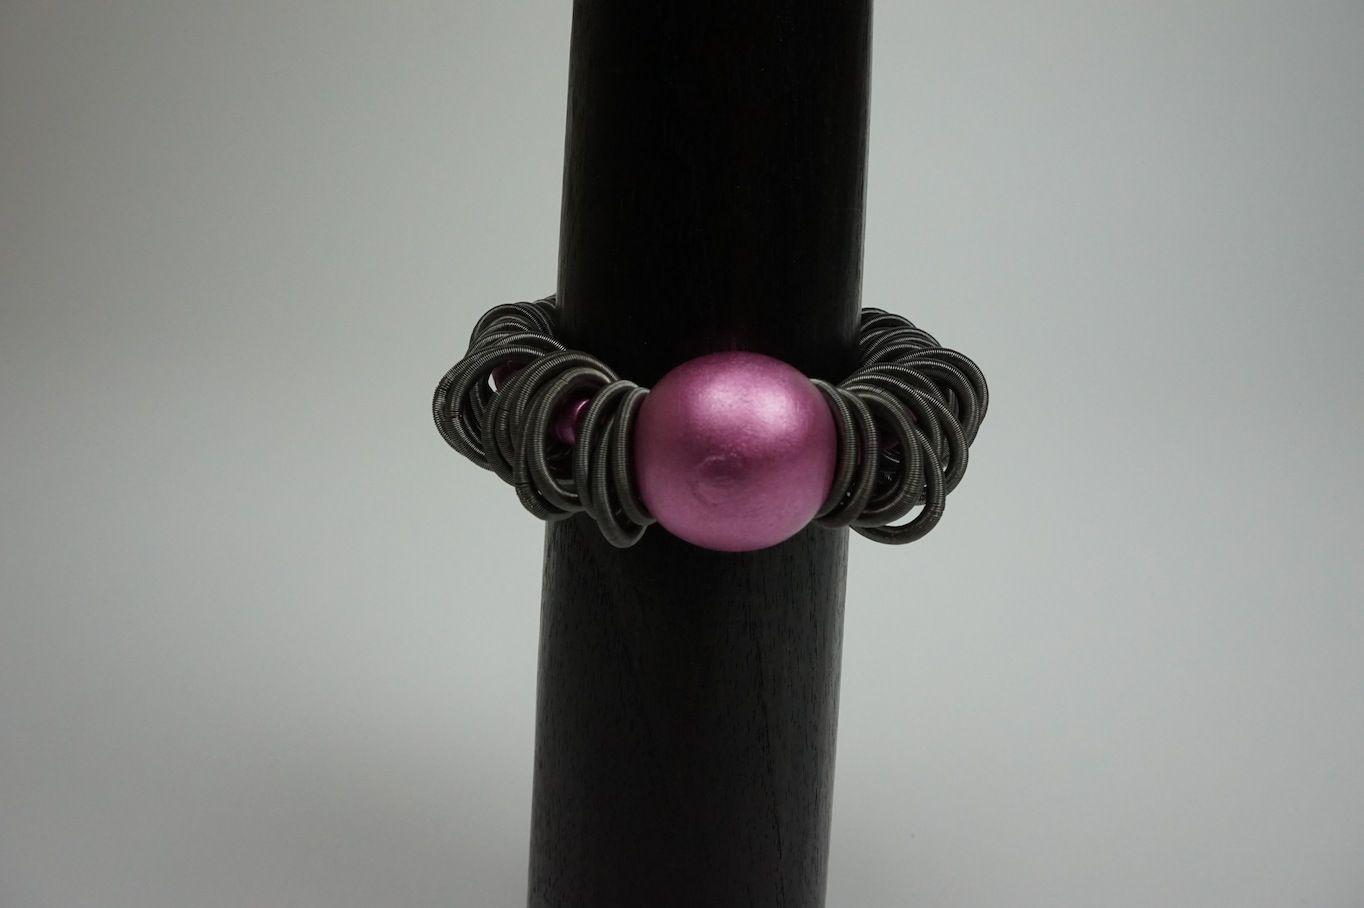 Lousje & Bean's new unique Canadian Made Jewelry line....Ruby.... Available here: http://www.lousjeandbean.ca/bracelets/ #canadianmade #funckybracelets #uniquejewerly #lousjeandbean #boutique #stretchybracelet #prettyinpink #woodenbeads